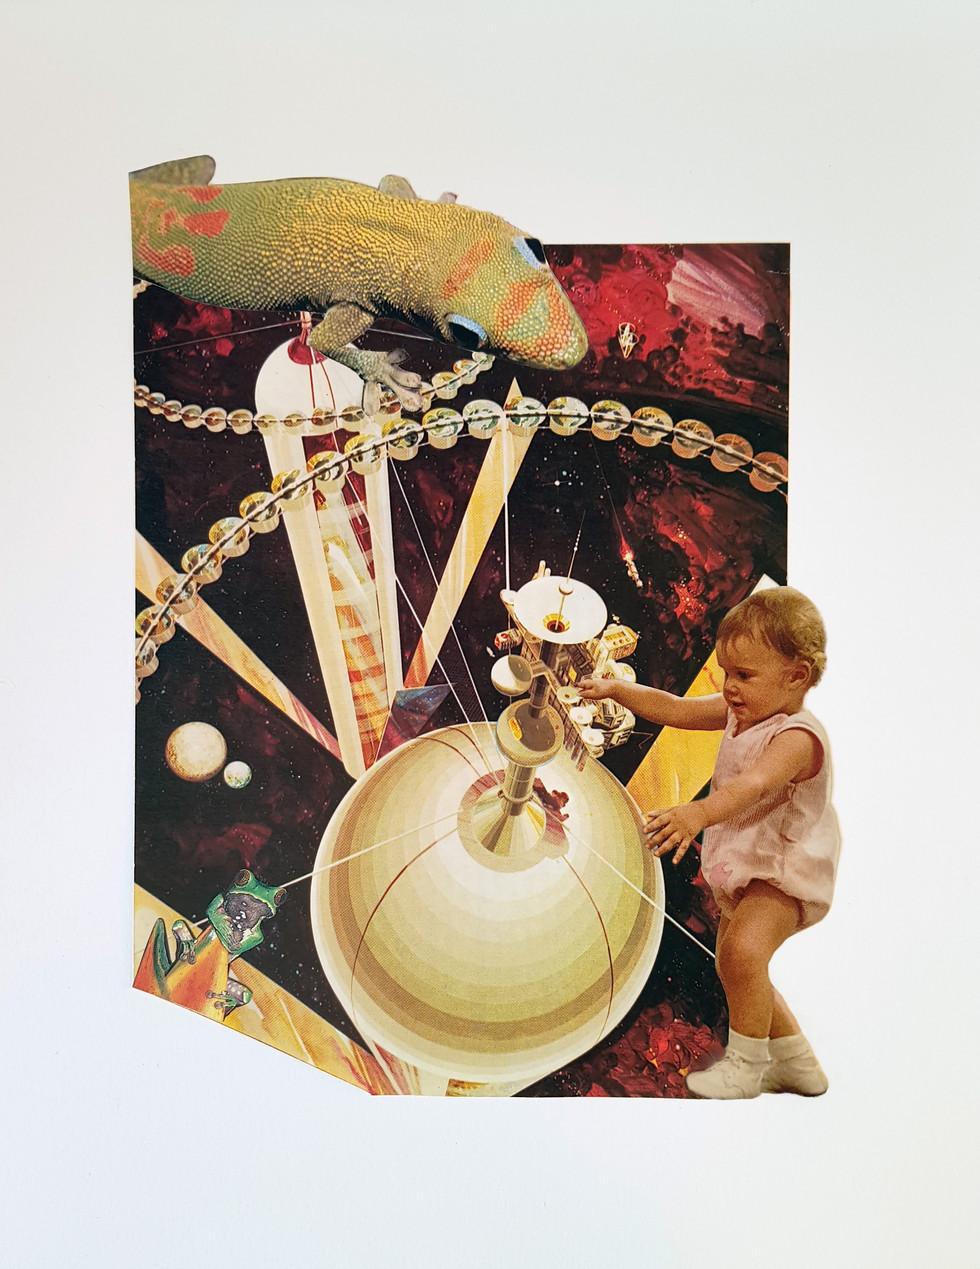 Niña en espacio - El Recreo Collage